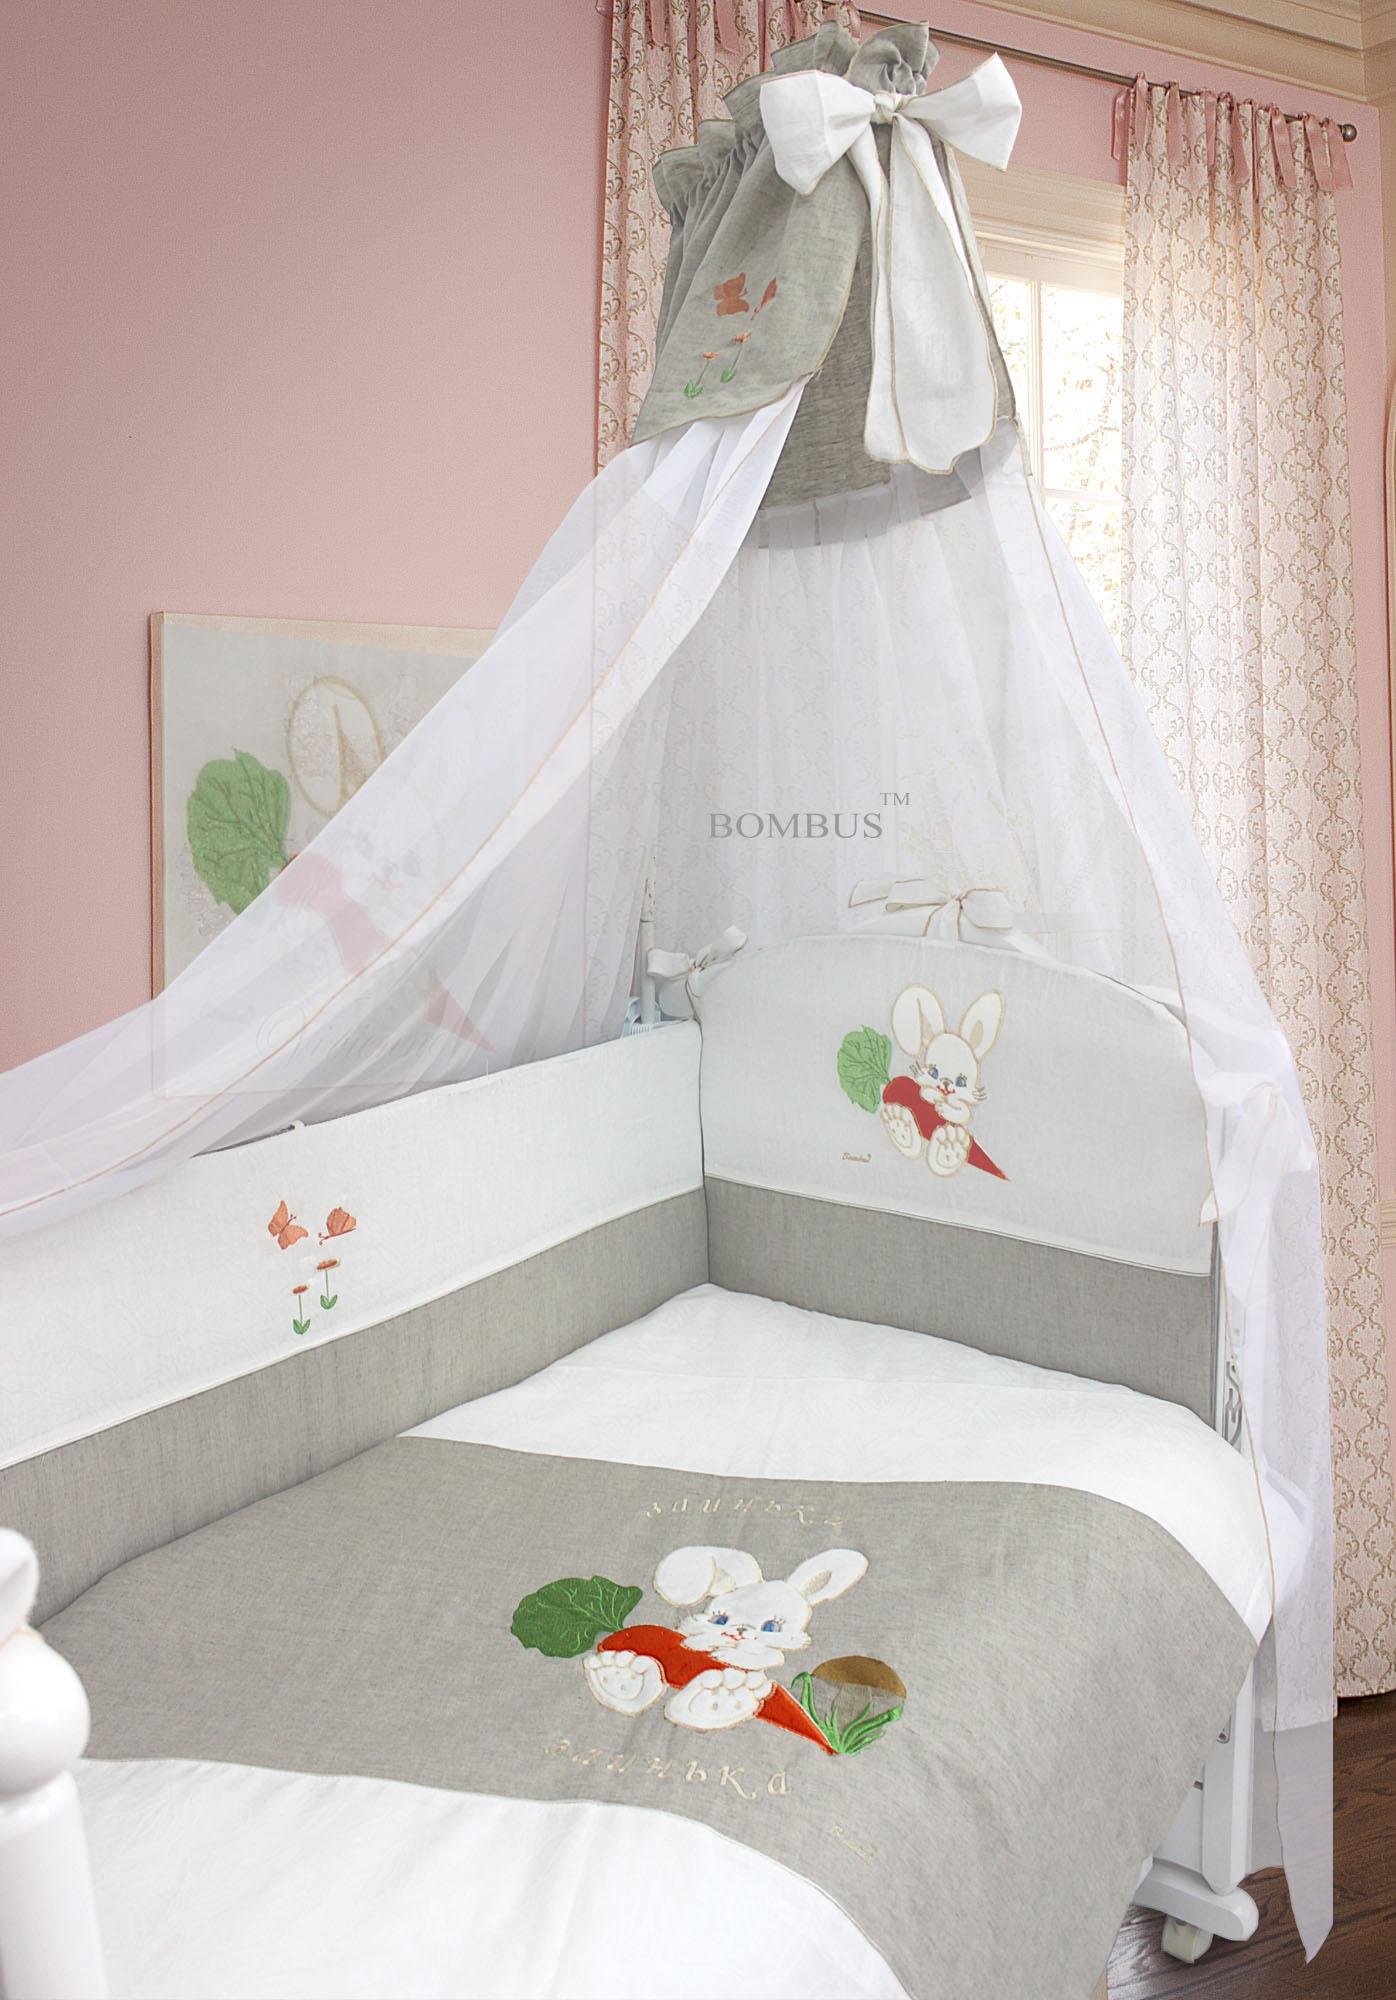 Комплект в кроватку - Зайка, льняной, 7 предметовДетское постельное белье<br>Комплект в кроватку - Зайка, льняной, 7 предметов<br>